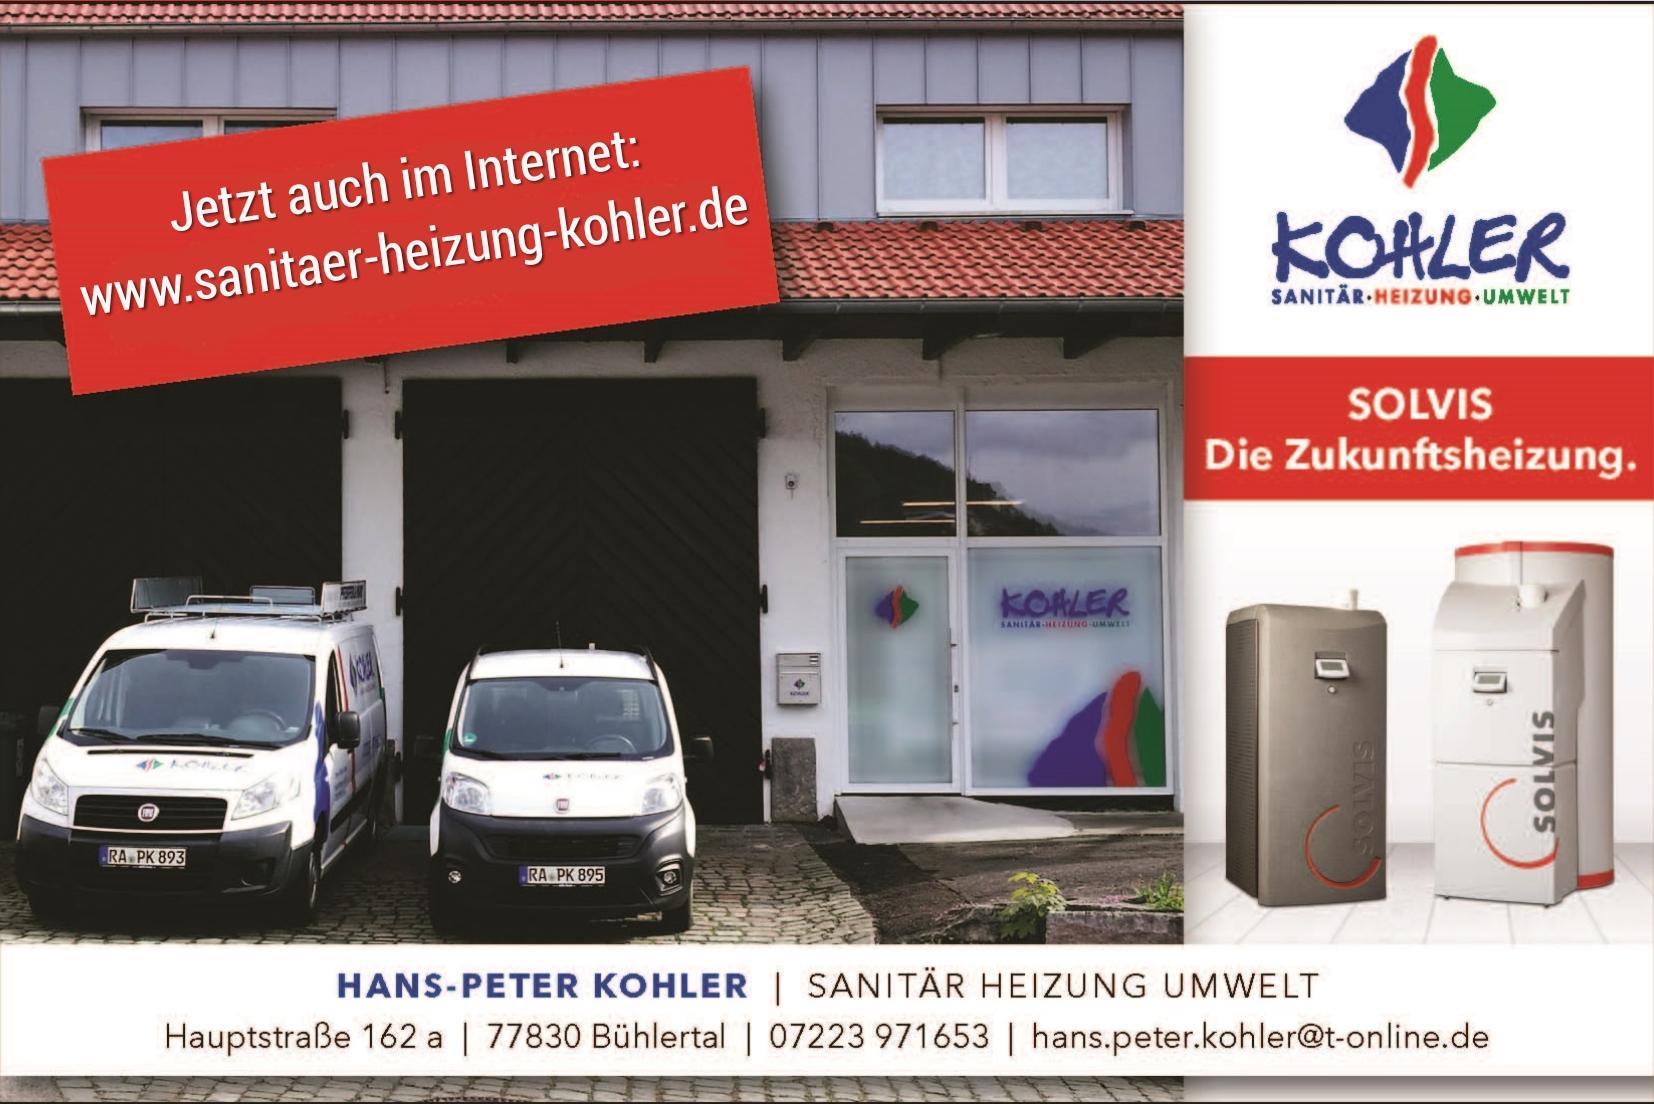 Solvis Fachpartner Kohler aus 77830 Bühlertal